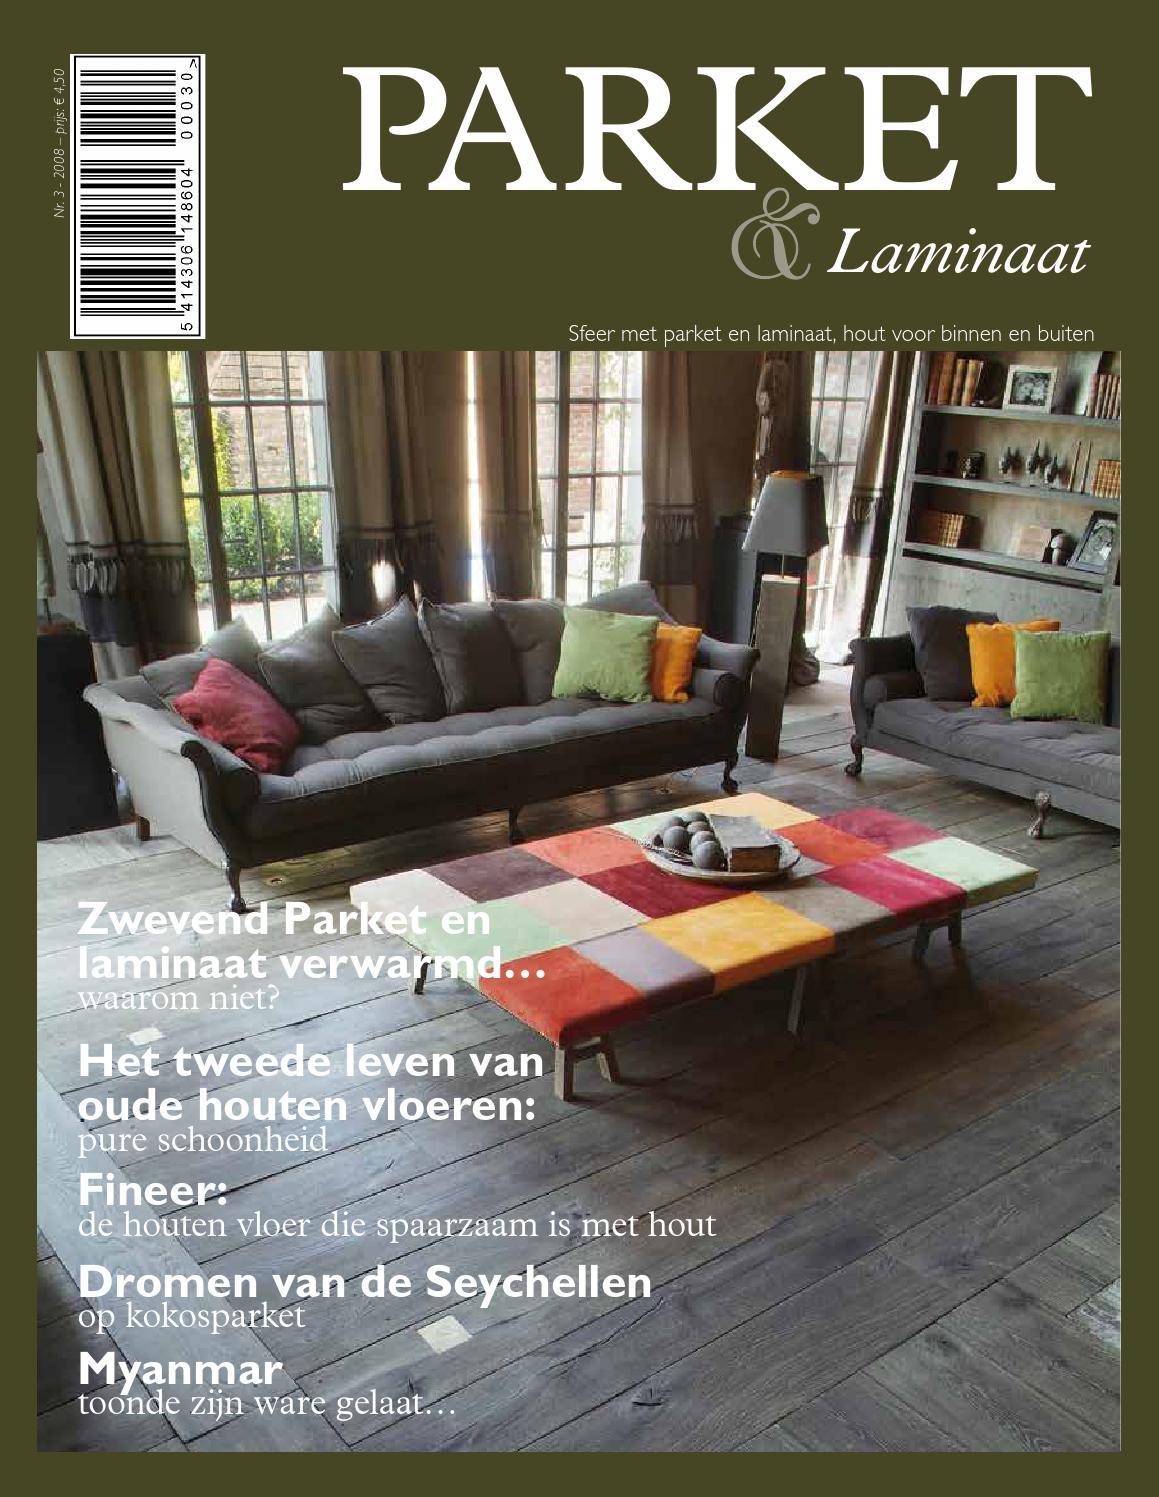 Parket & Laminaat nr 2 by Media-Pact NV / FFI bvba - issuu